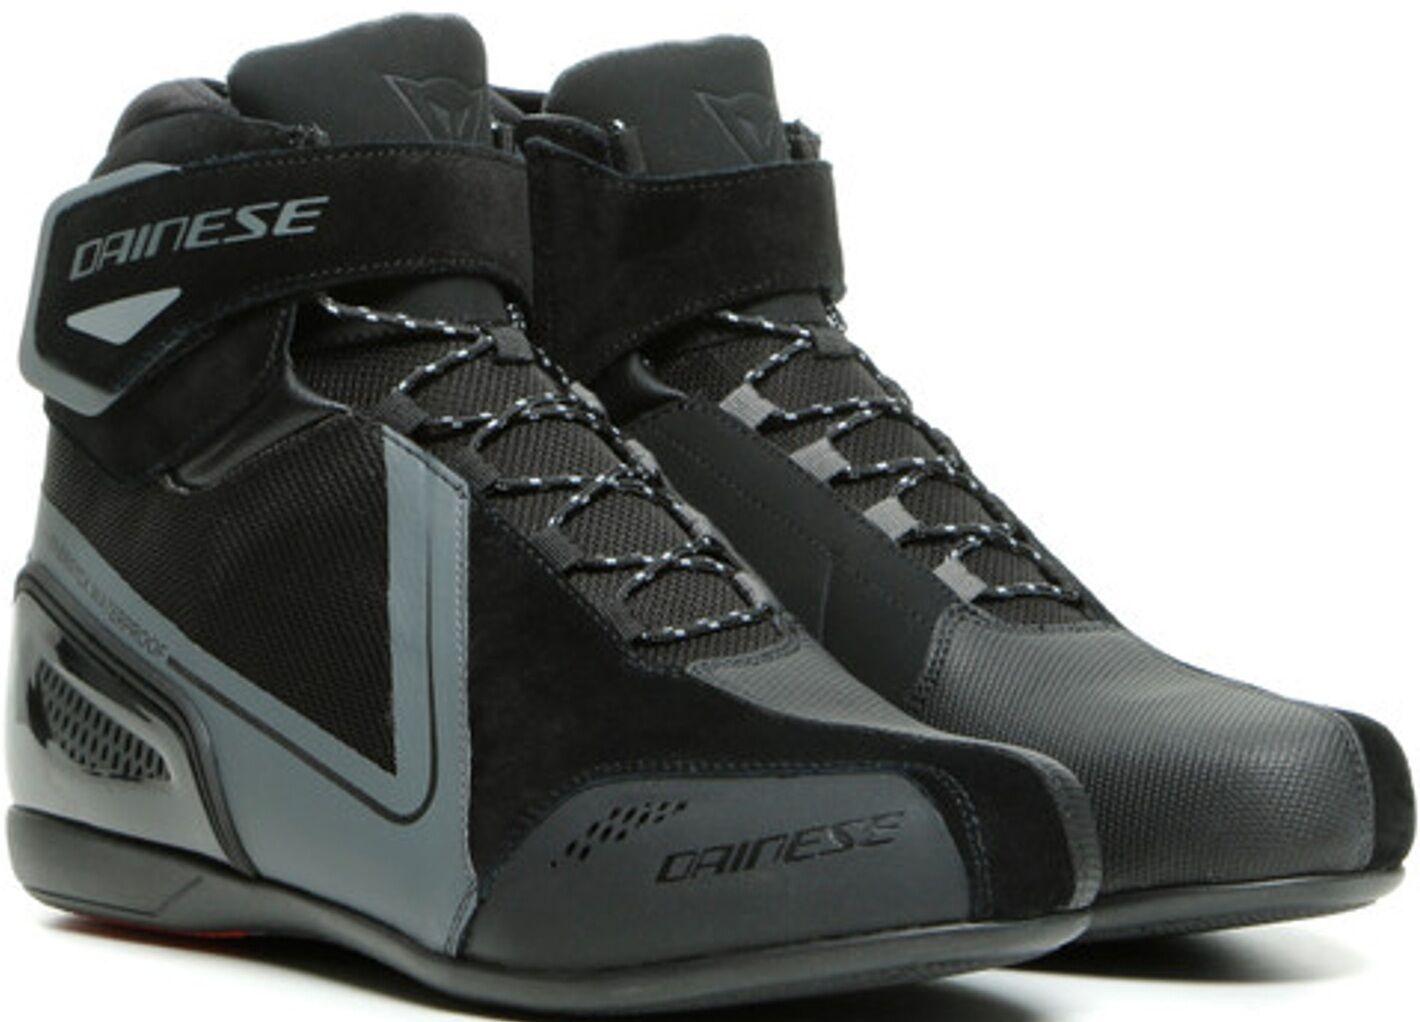 Dainese Energyca D-WP chaussures de moto imperméables à l'eau Noir Gris taille : 45